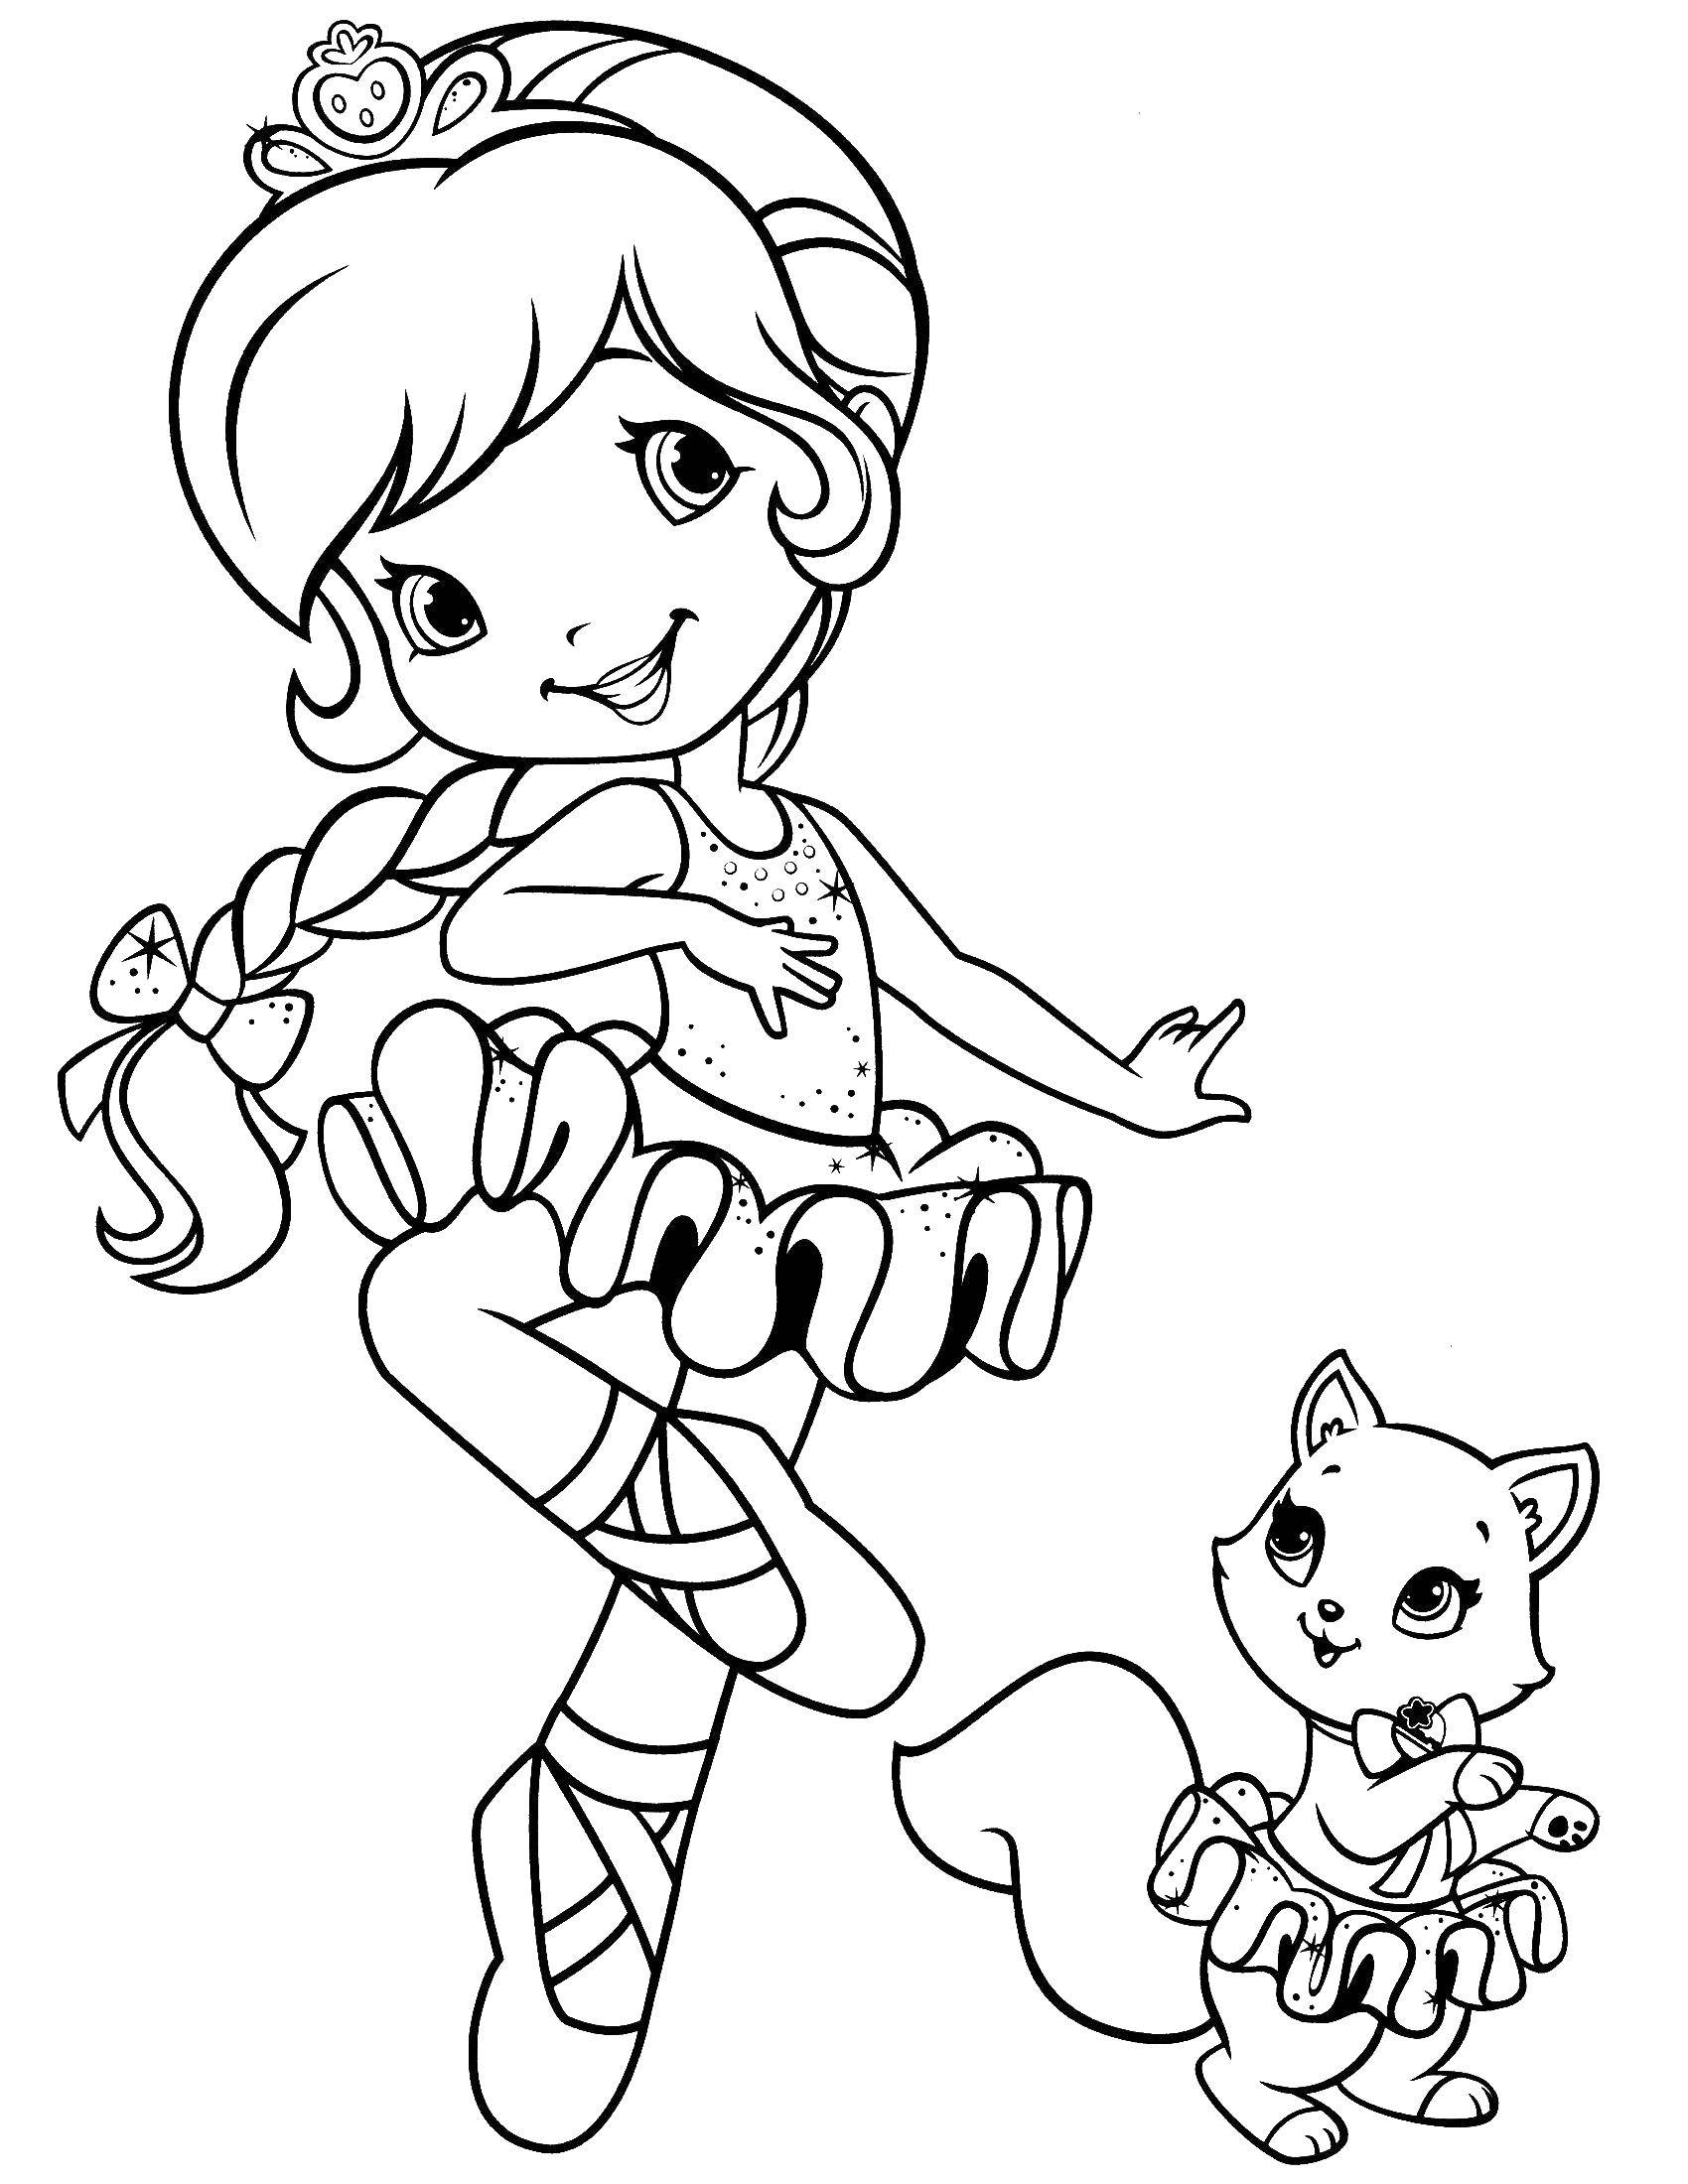 Раскраска Шарлотта земляничка балерина Скачать шарлотта, земляничка, мультики.  Распечатать ,шарлотта земляничка мультики,